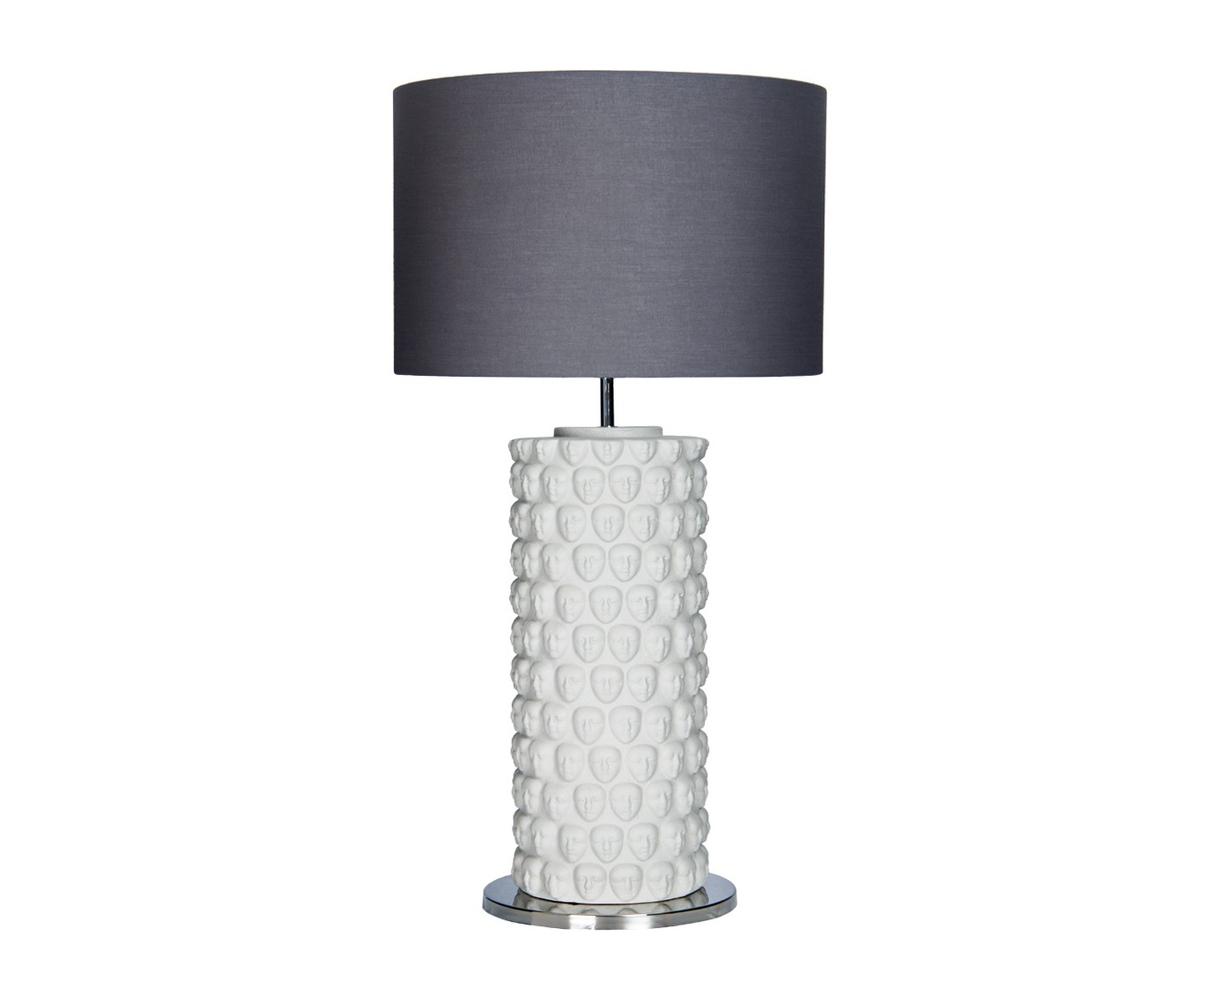 Купить Настольная лампа из керамики серого цвета, inmyroom, Португалия